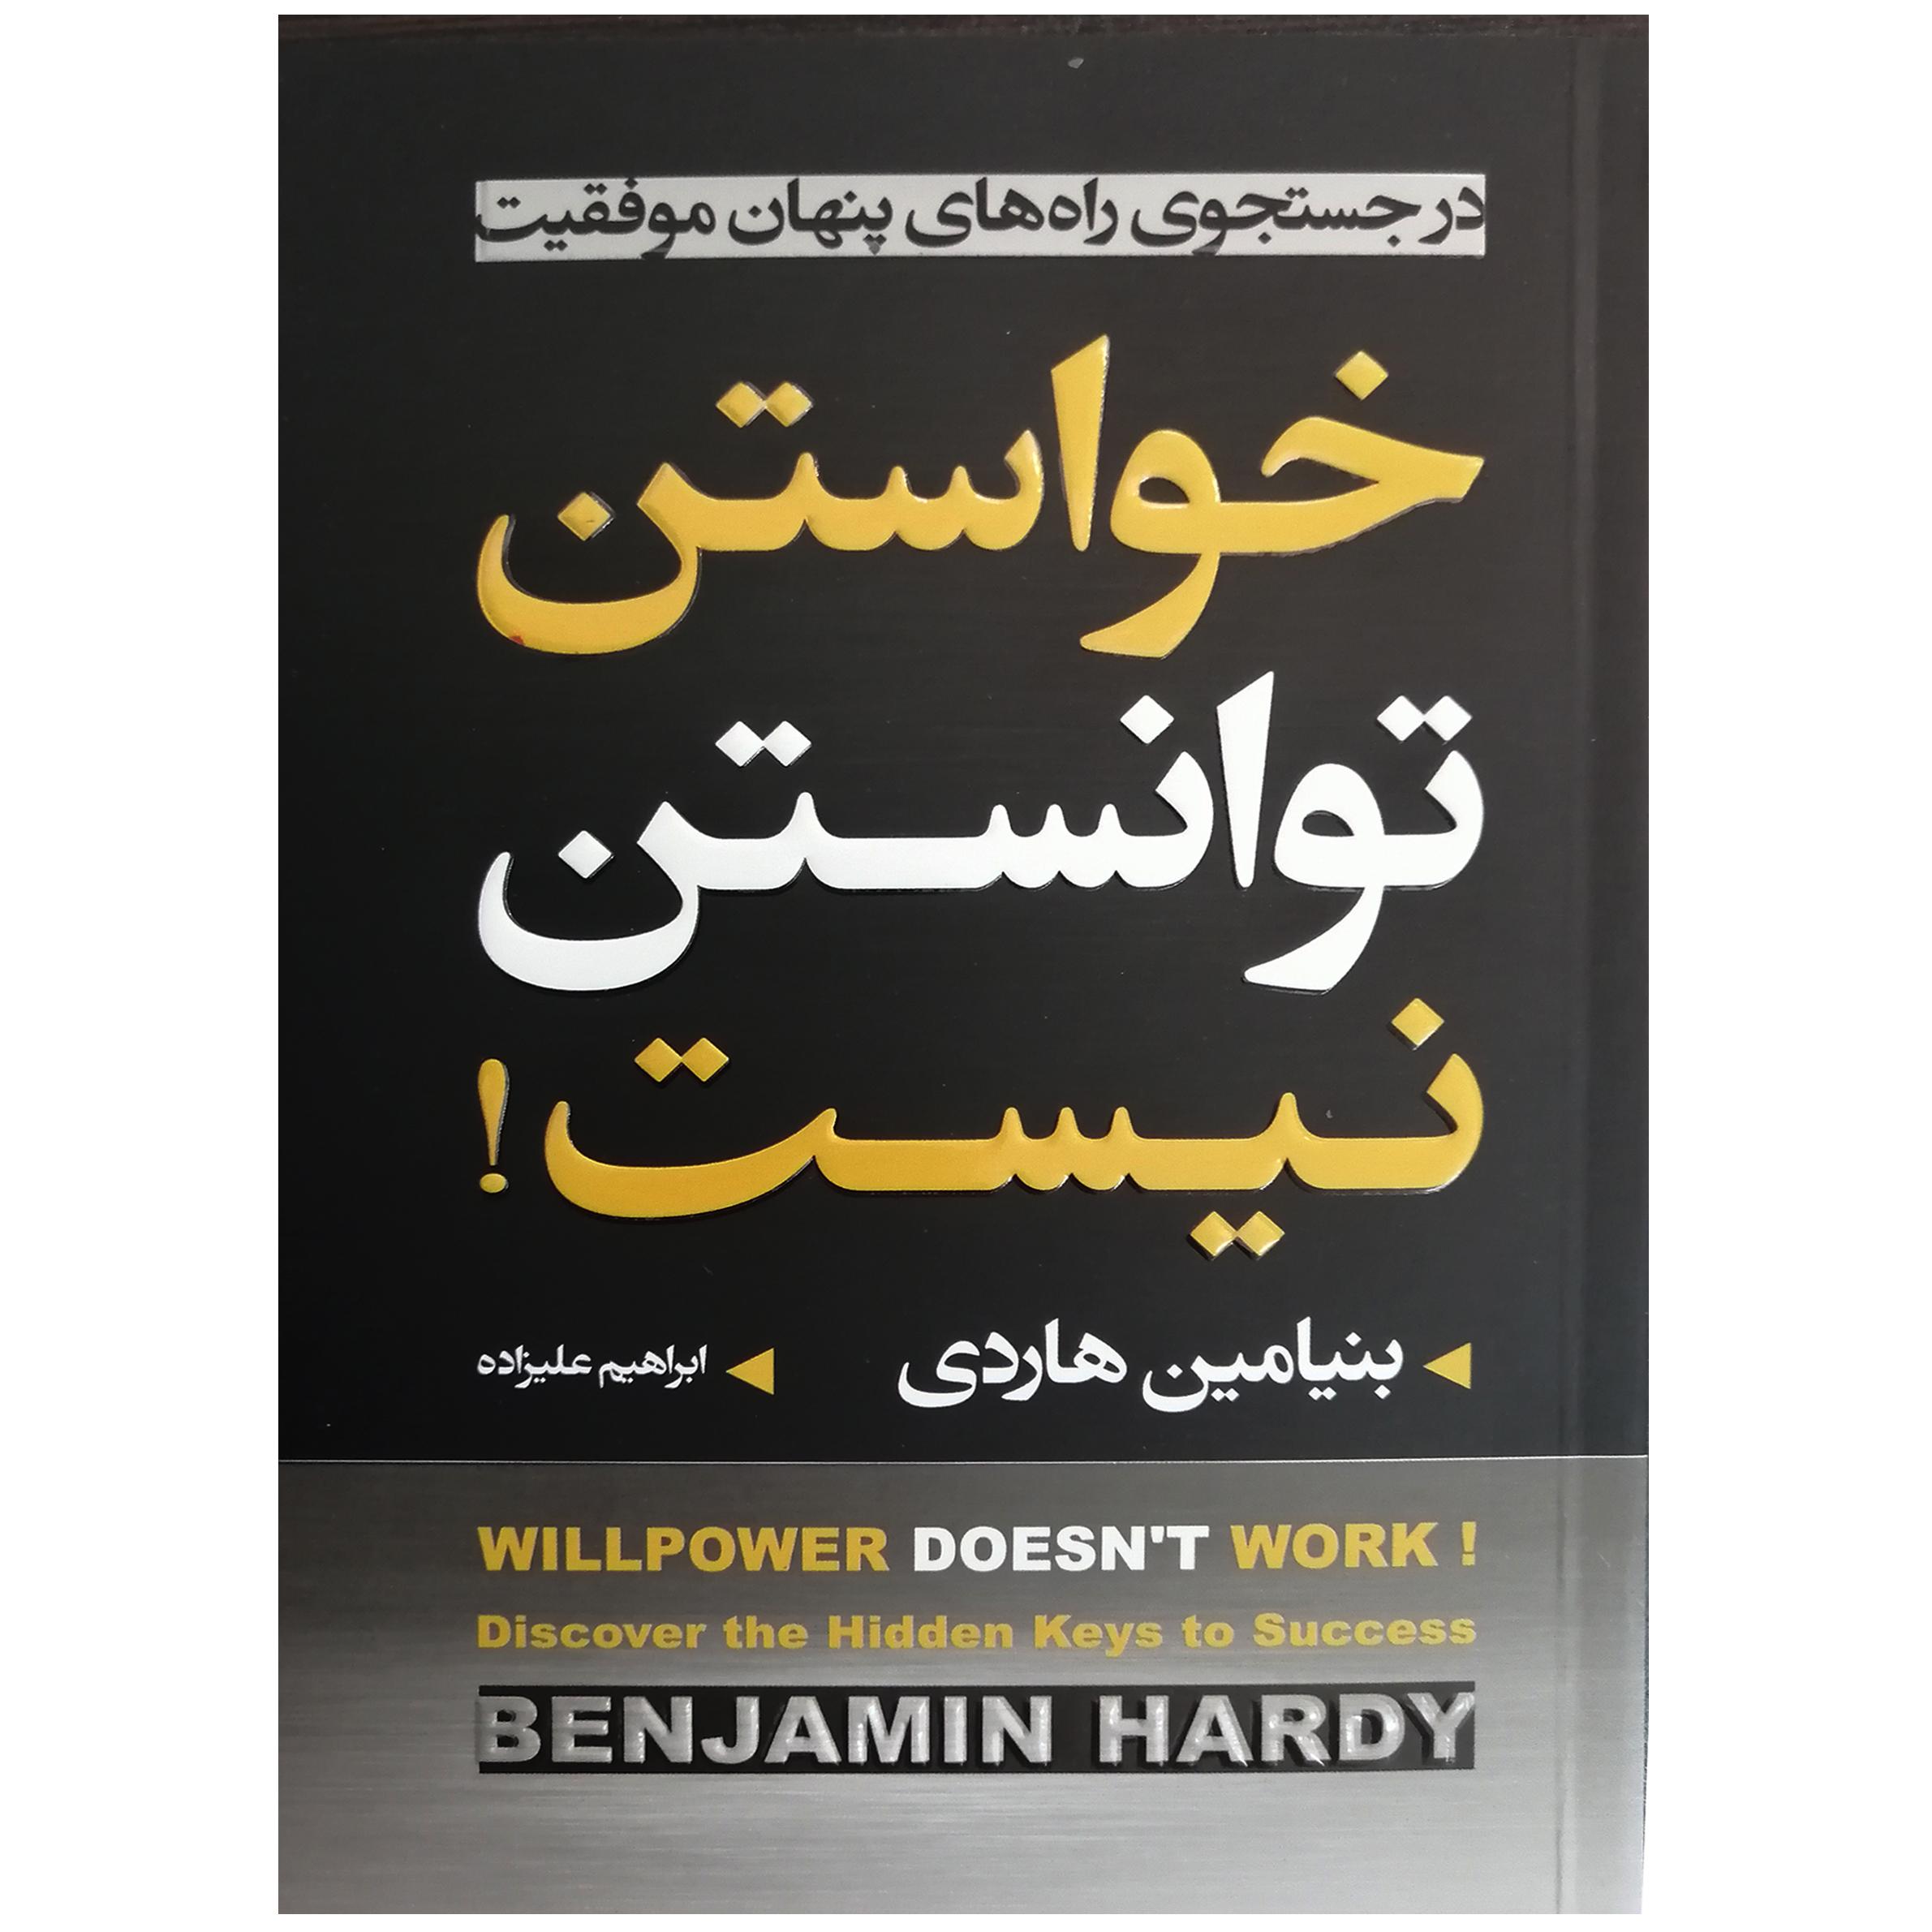 کتاب خواستن توانستن نیست اثر بنجامین هاردی انتشارات آتیسا